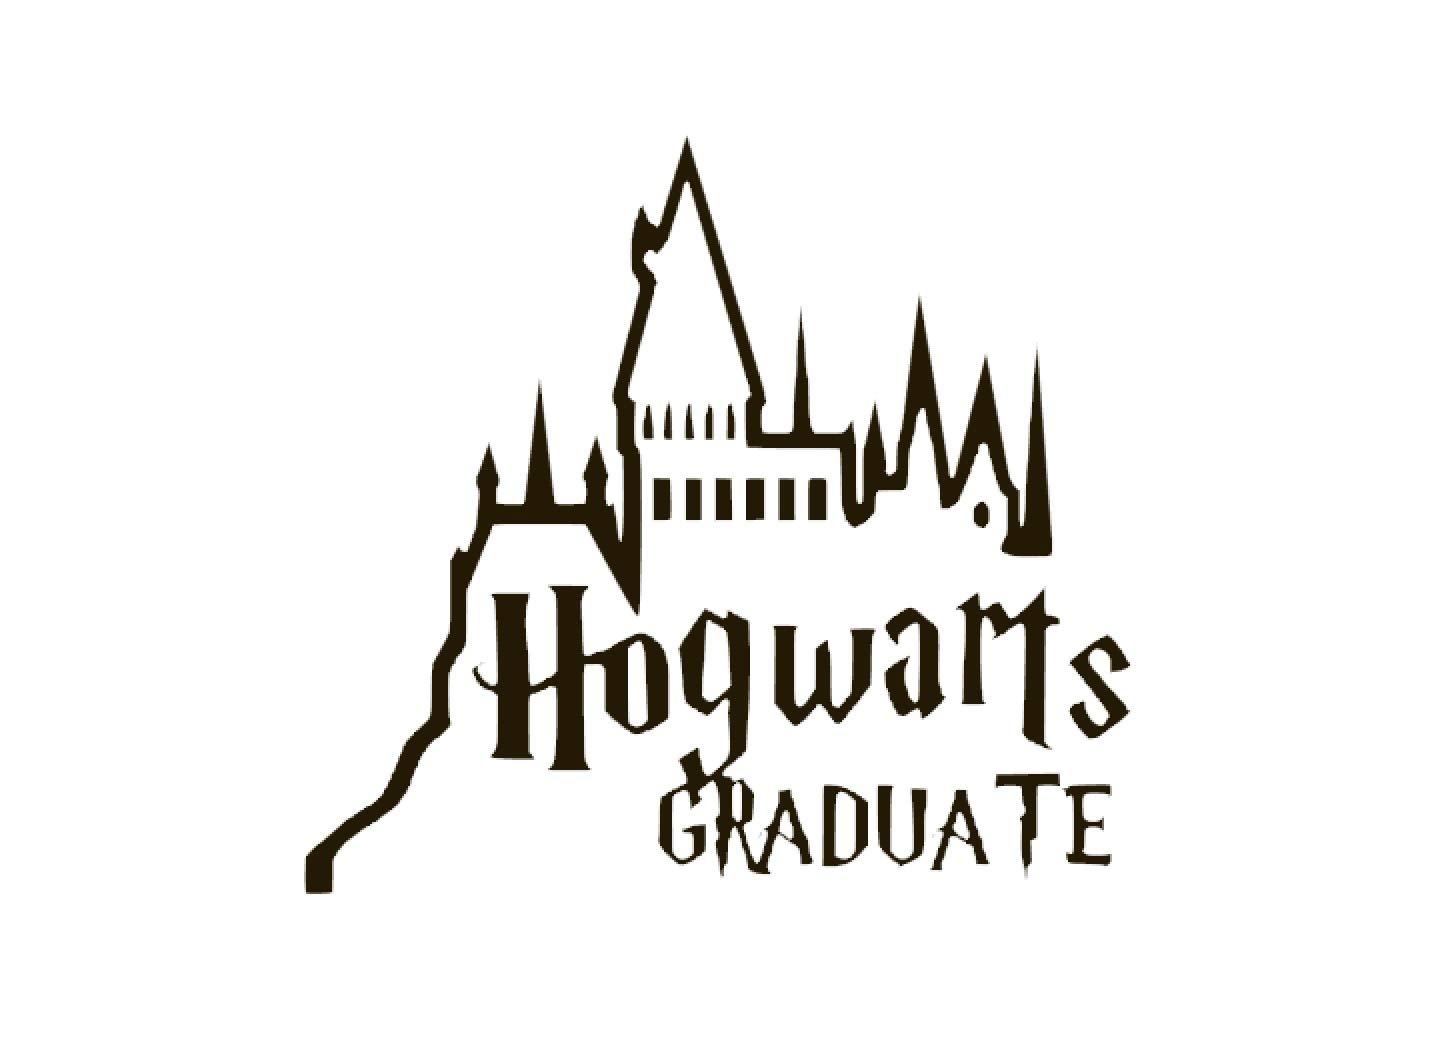 ★日本の職人技★ Hogwarts 卒業式ビニールステッカーデカール カーバンパー カーバンパー ウィンドウ MacBook Pro ノートパソコン iPad 6\ iPhone B07GJJBHHY 用 6